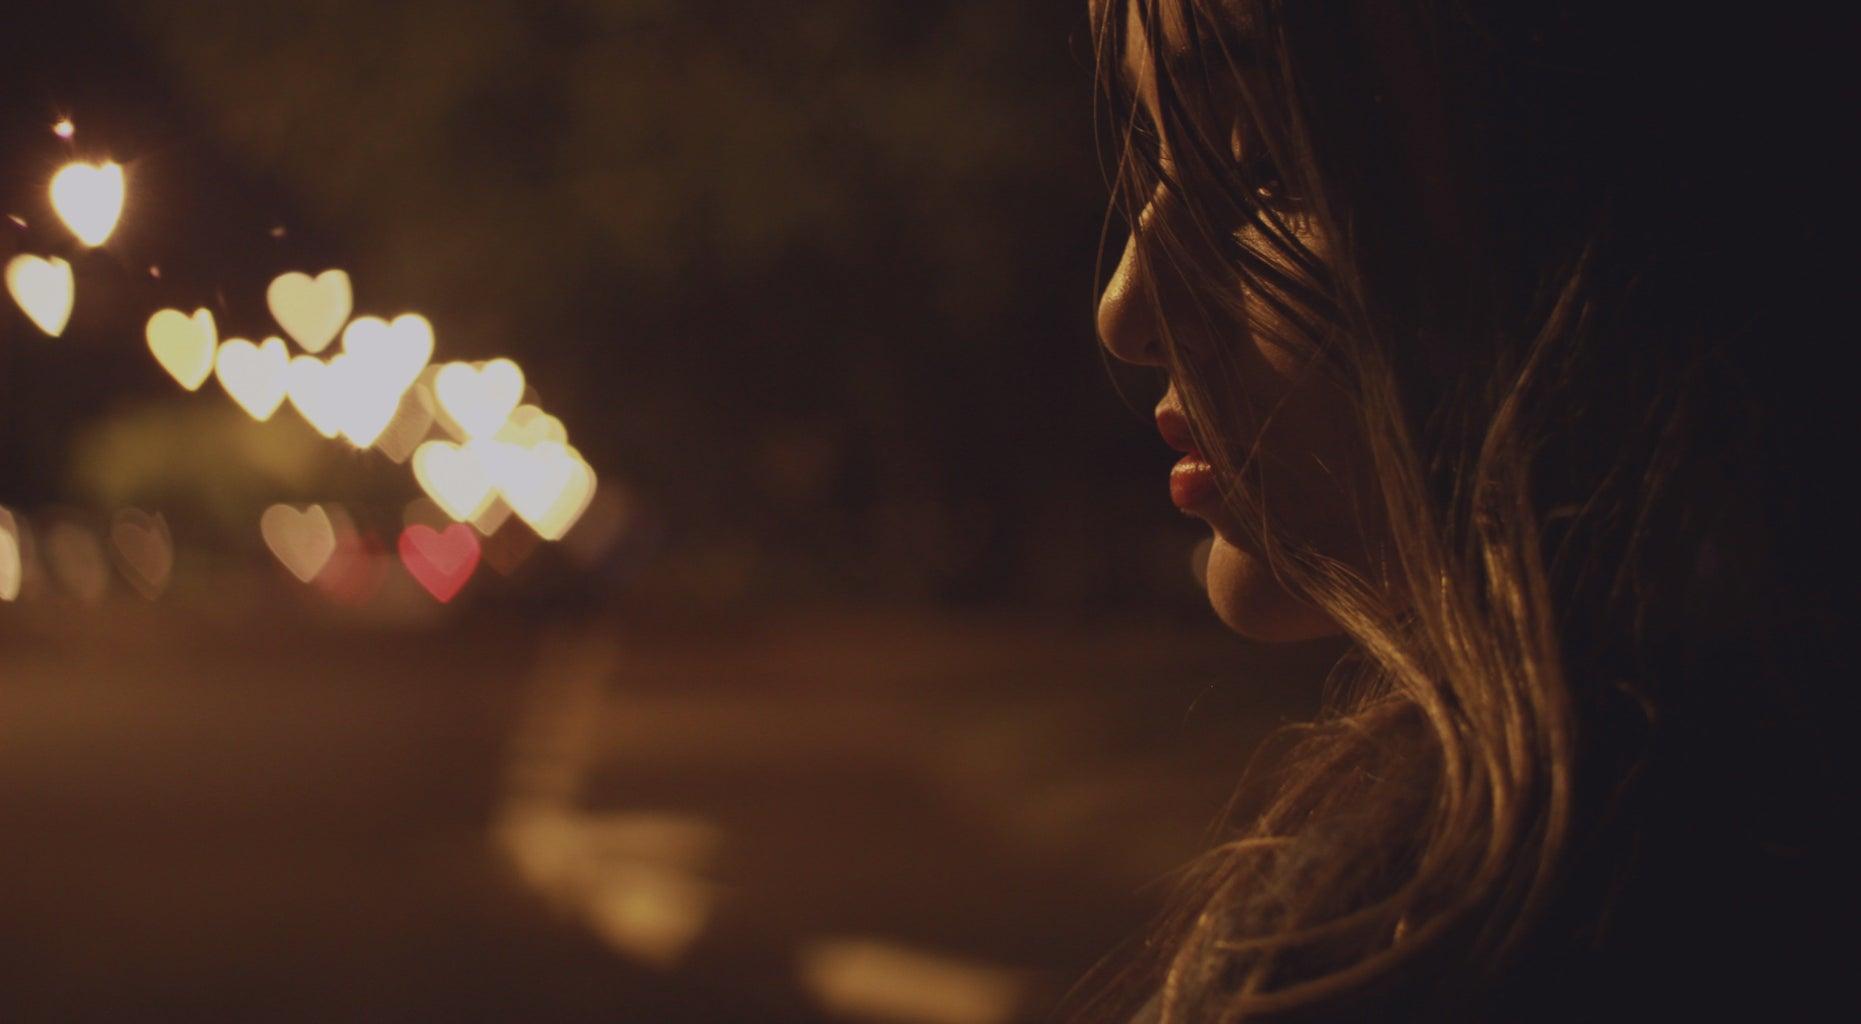 Girl sad at night